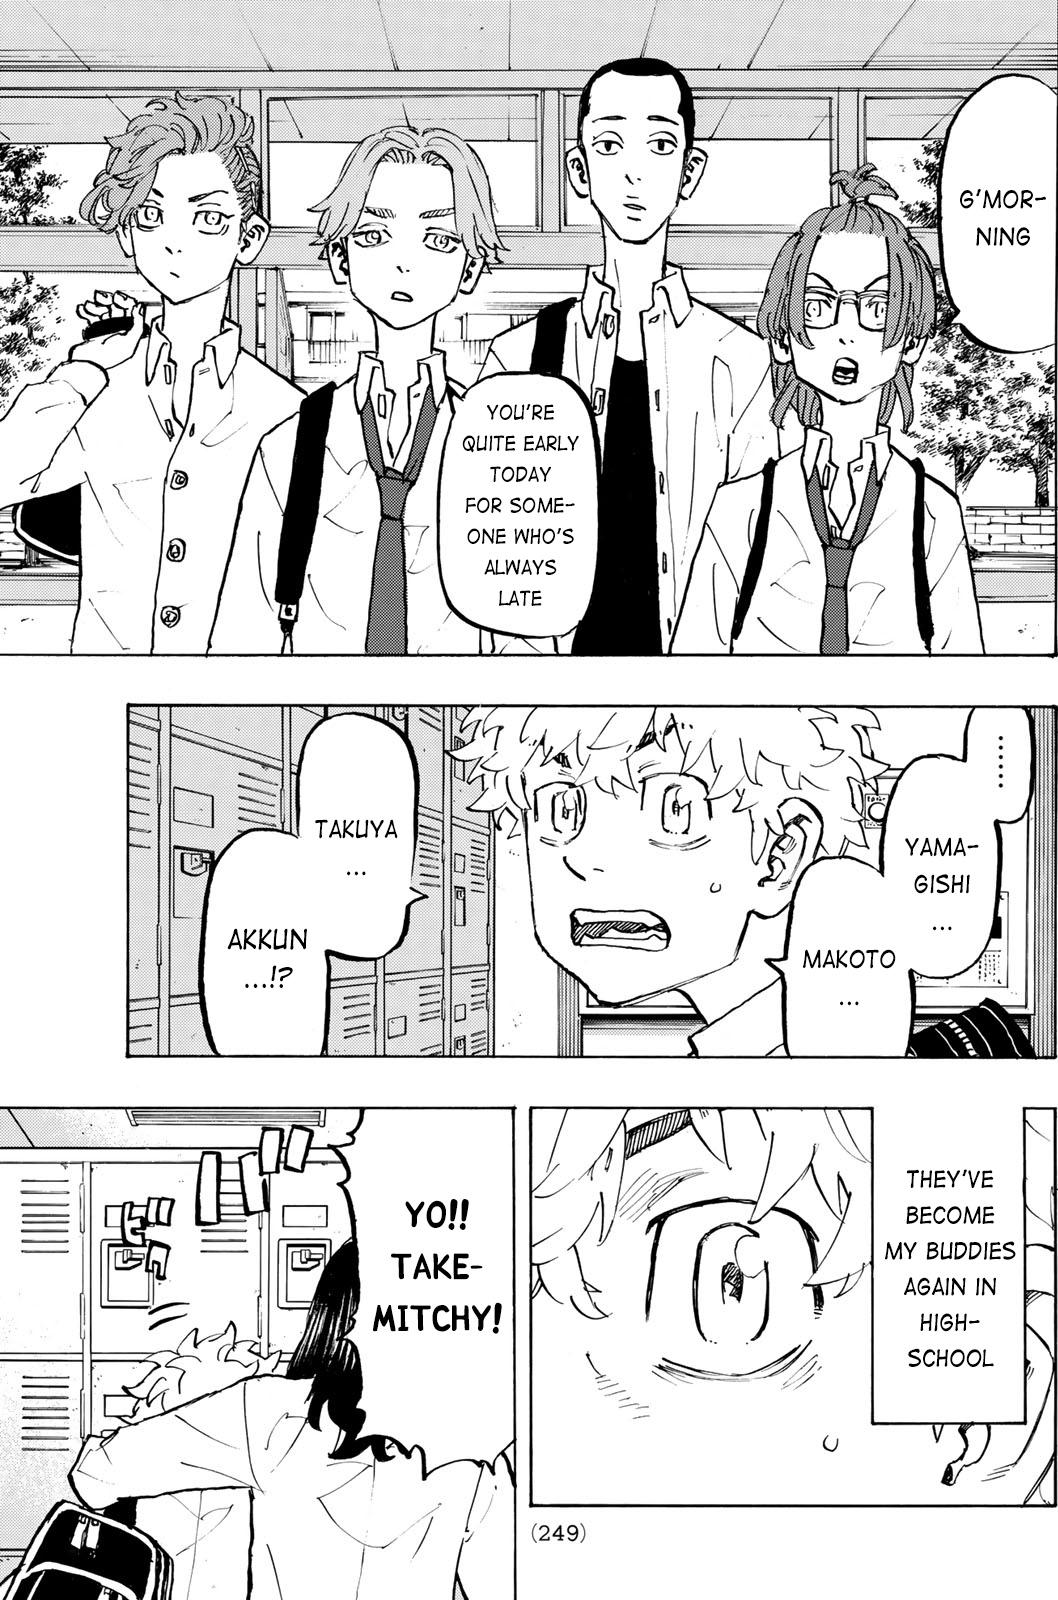 Bahas Tokyo Revengers Chapter ke 207 4